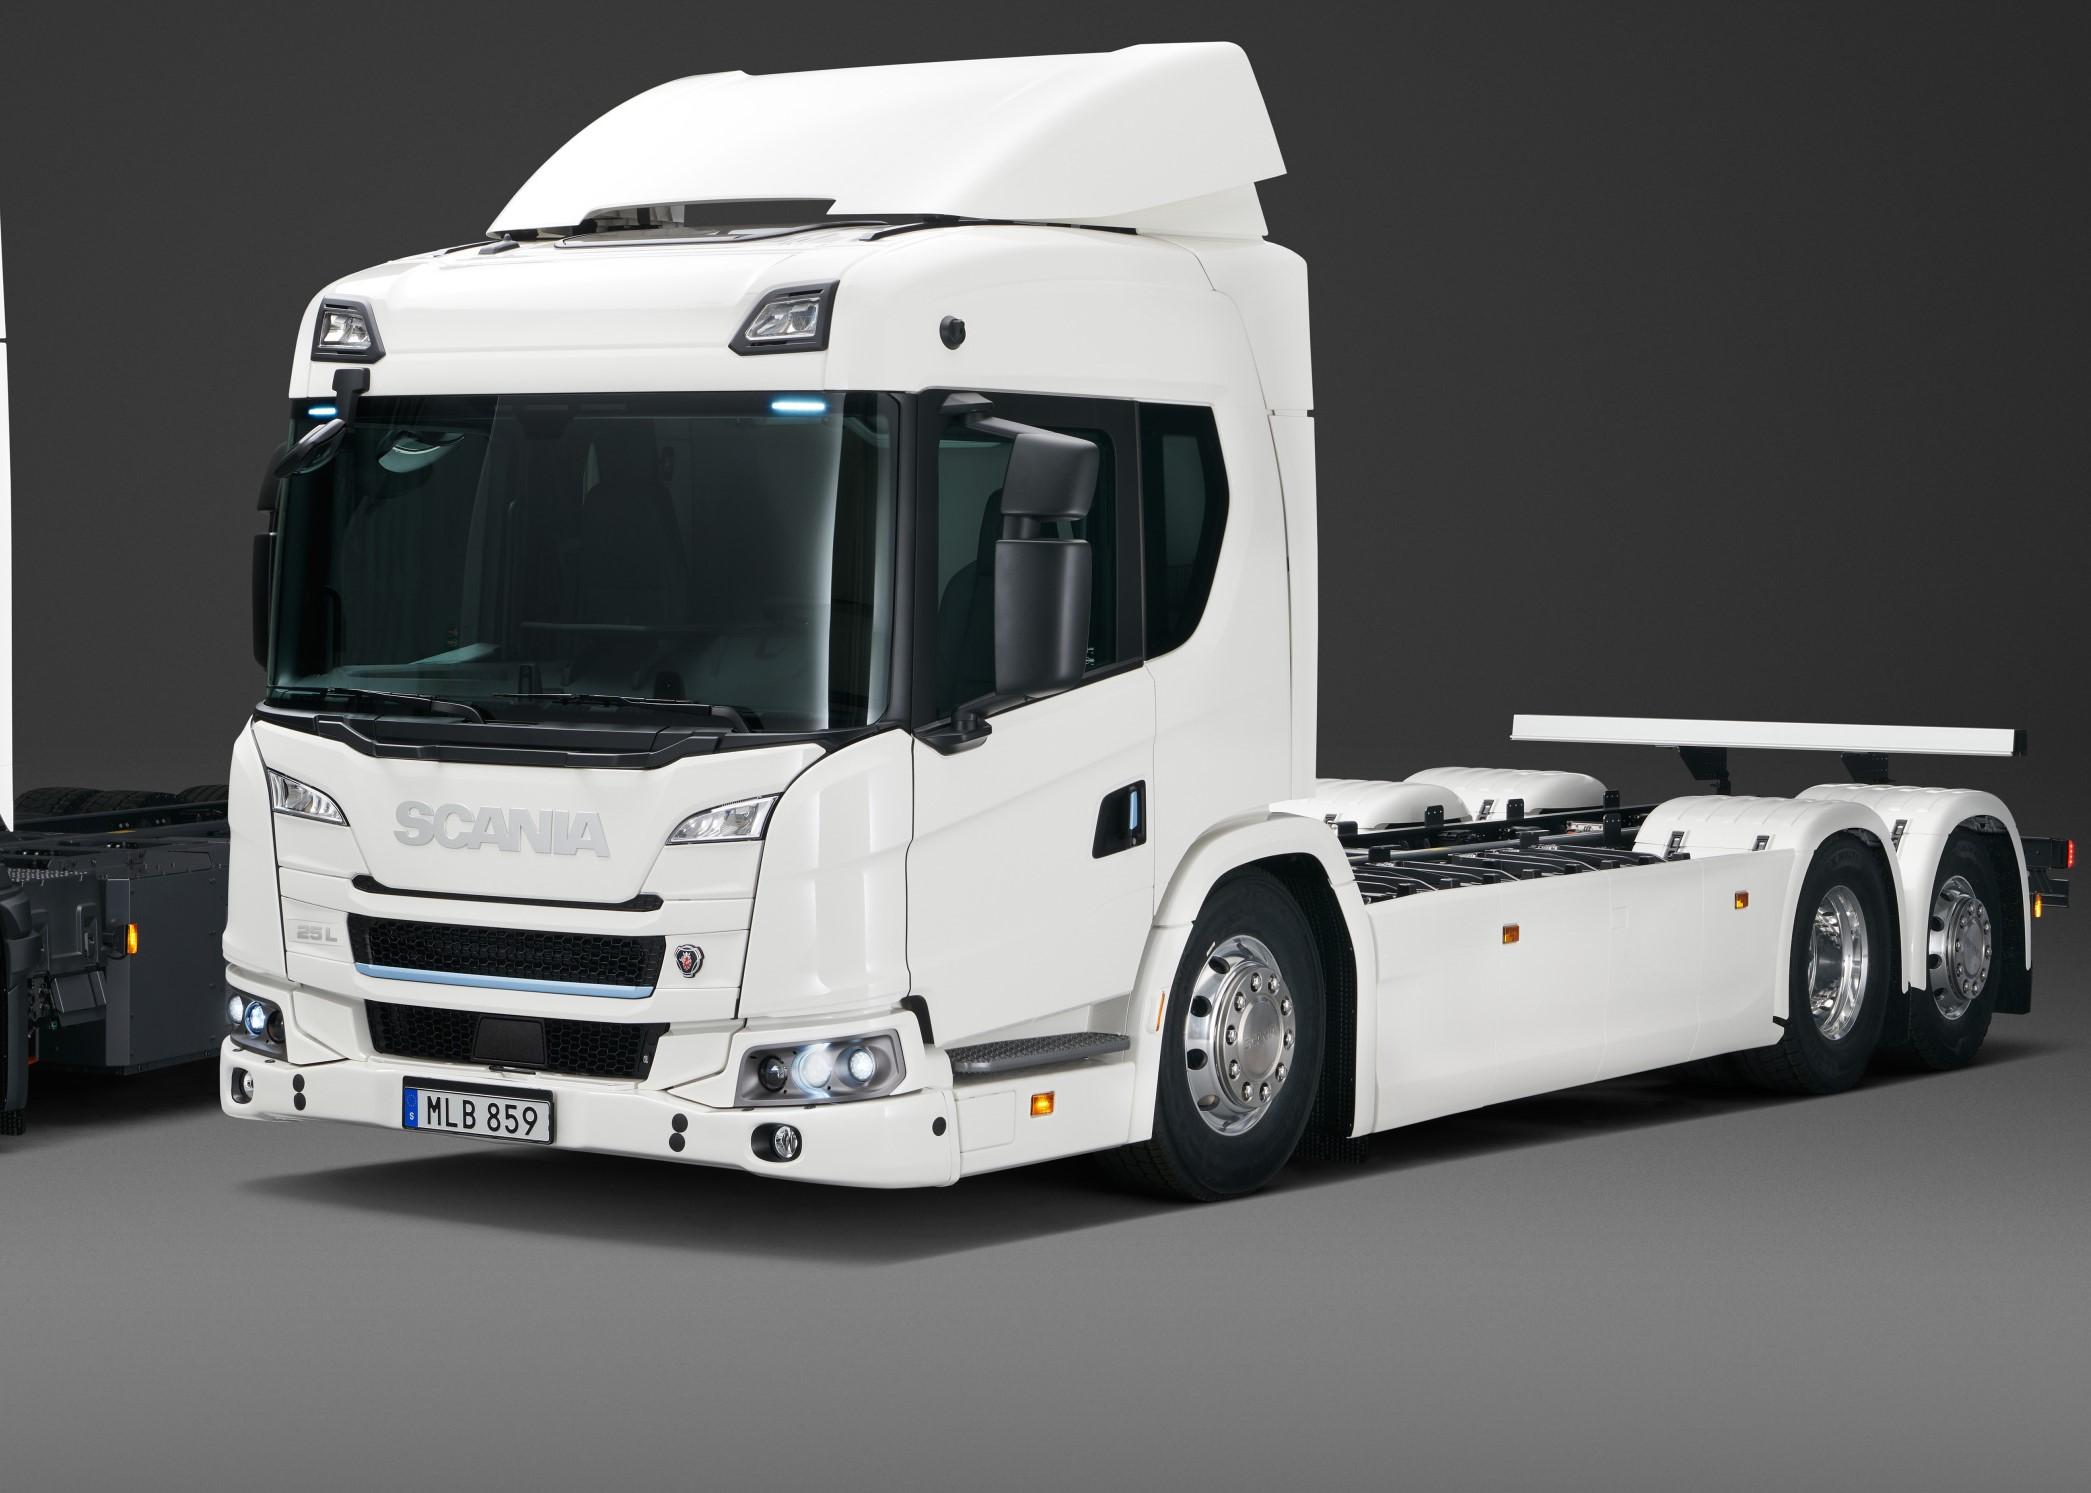 Scania презентовала электрогрузовик с запасом хода 250 км (видео)